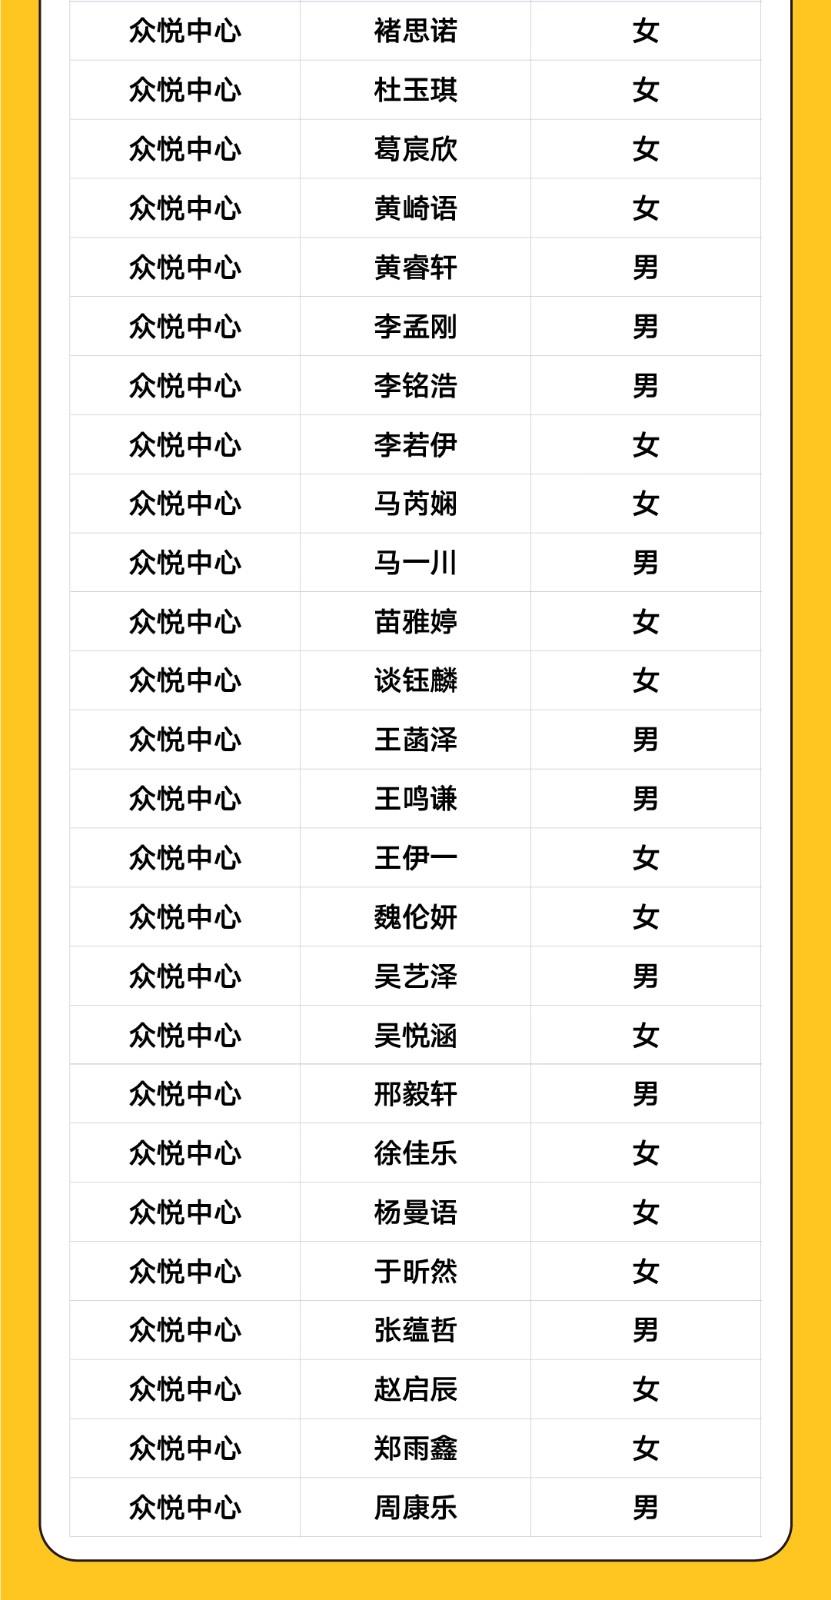 艺朝艺夕小主持晋级名单